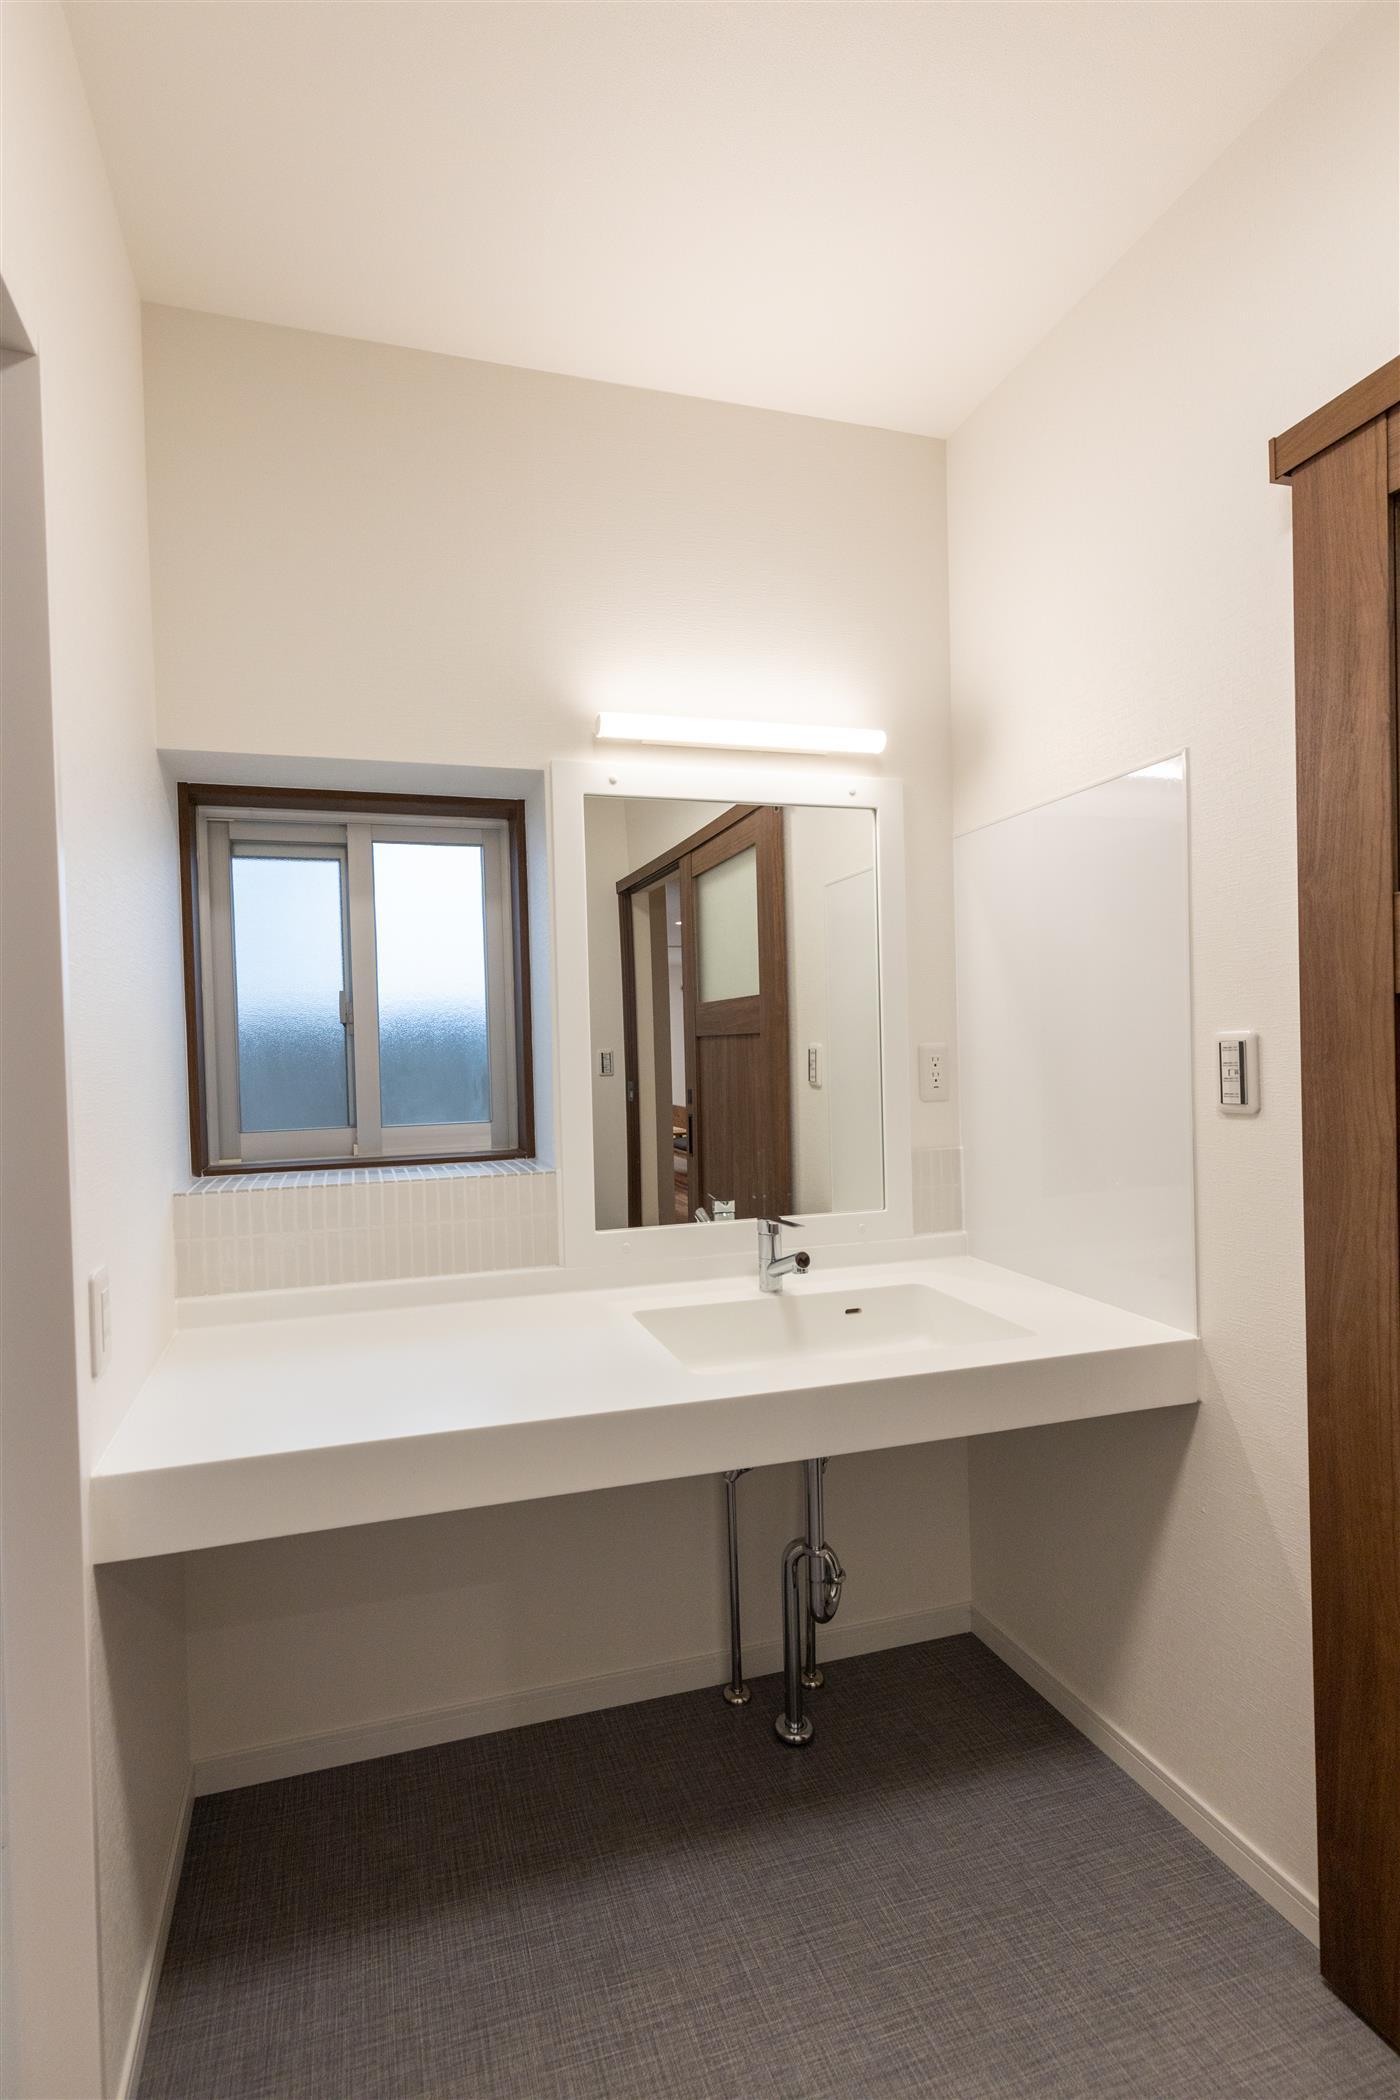 洗面室リフォーム(リフォーム施工事例)を公開しました。 | 沖縄や那覇でリフォームするなら【株式会社 あうん工房】